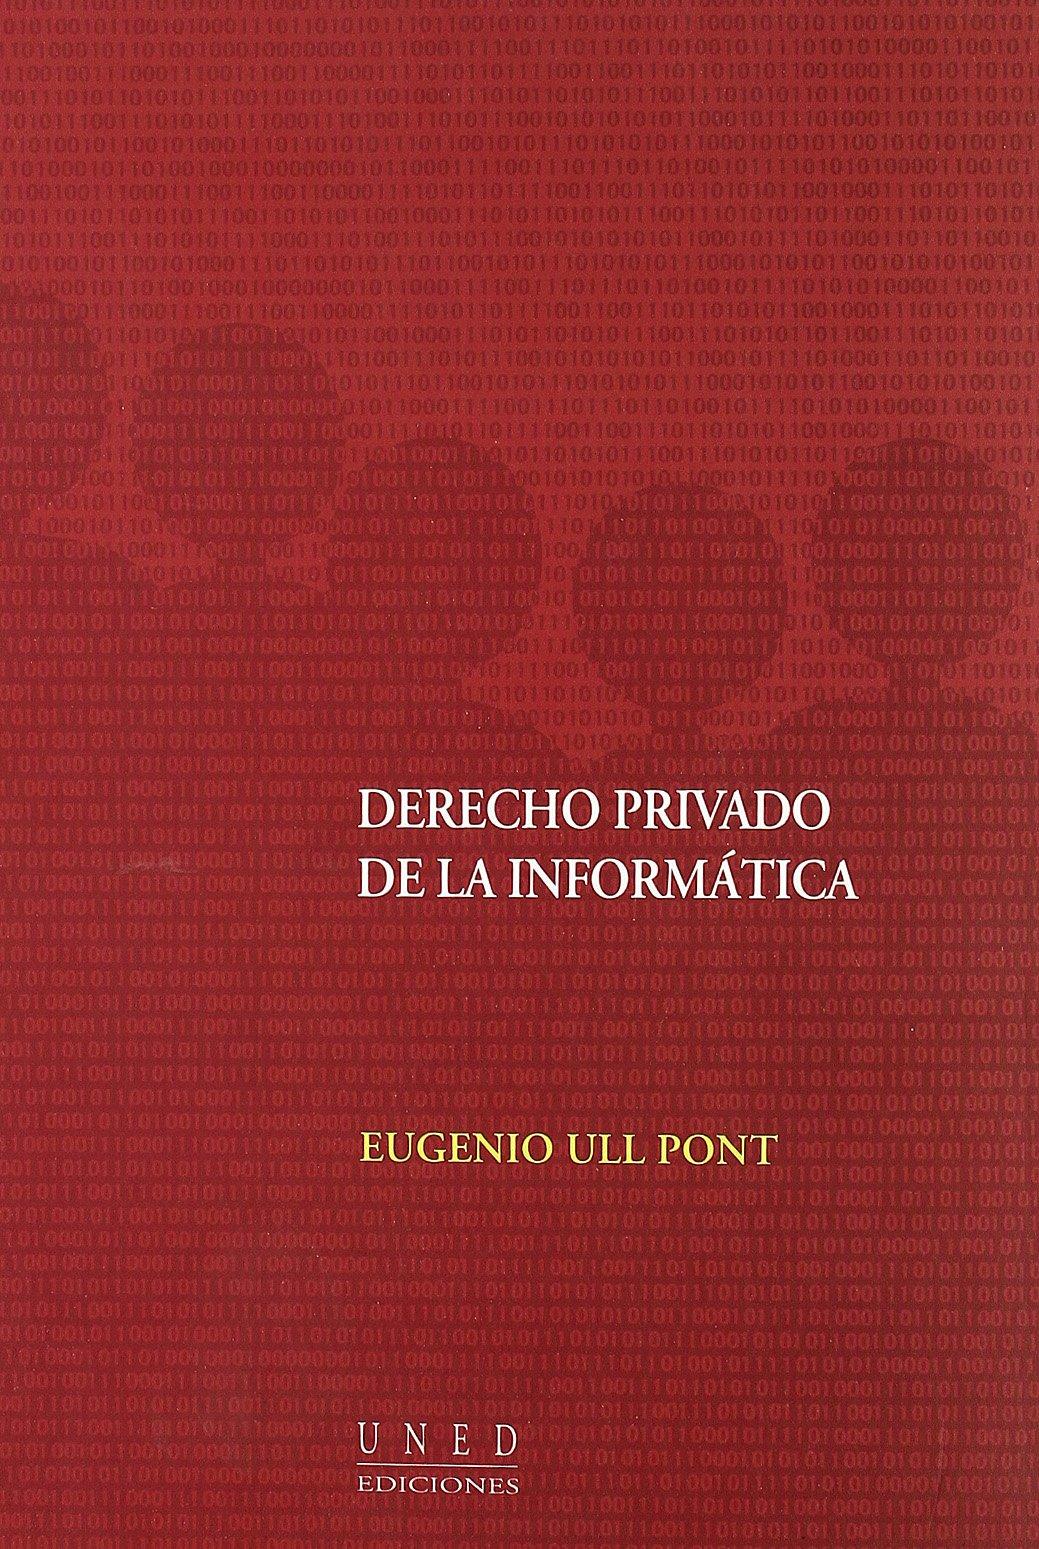 Download Derecho privado de la informática ebook